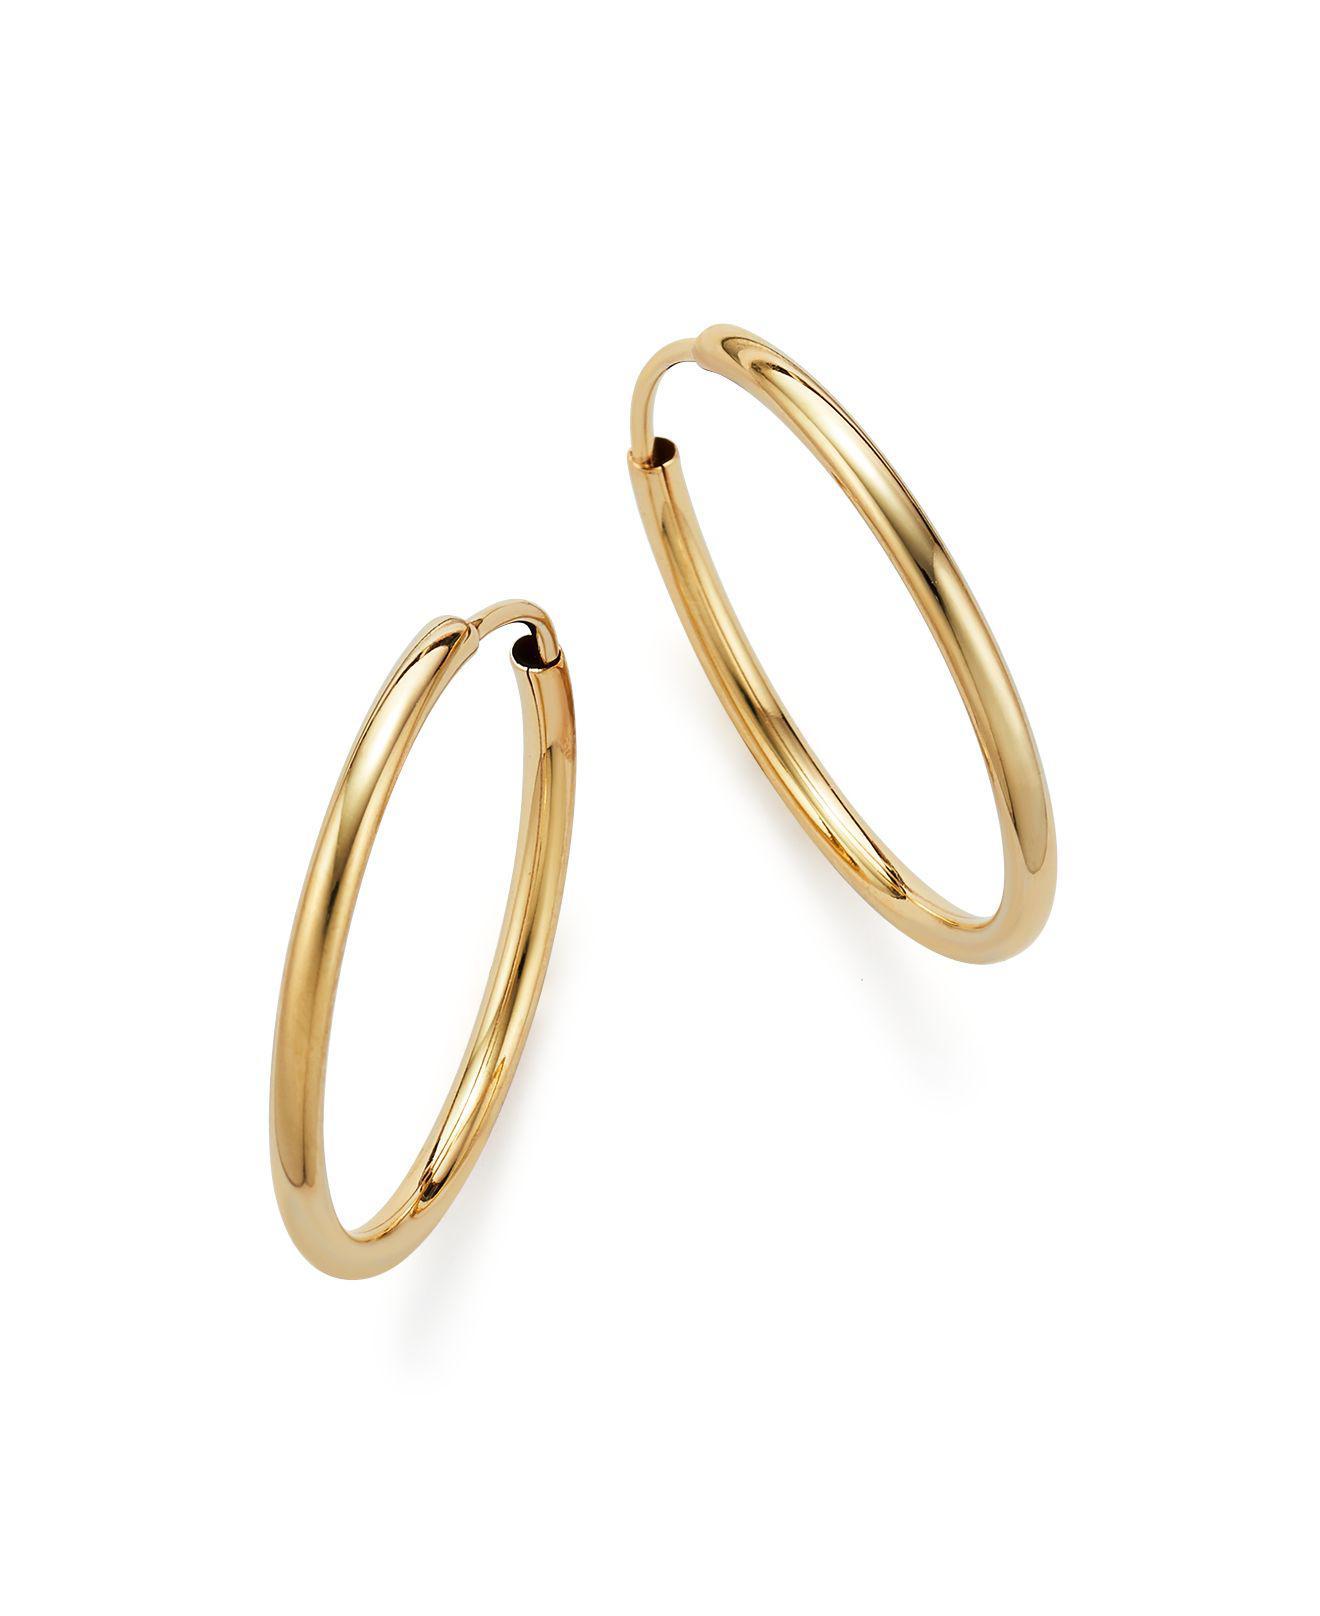 Bloomingdale S Women Metallic 14k Yellow Gold Endless Hoop Earrings